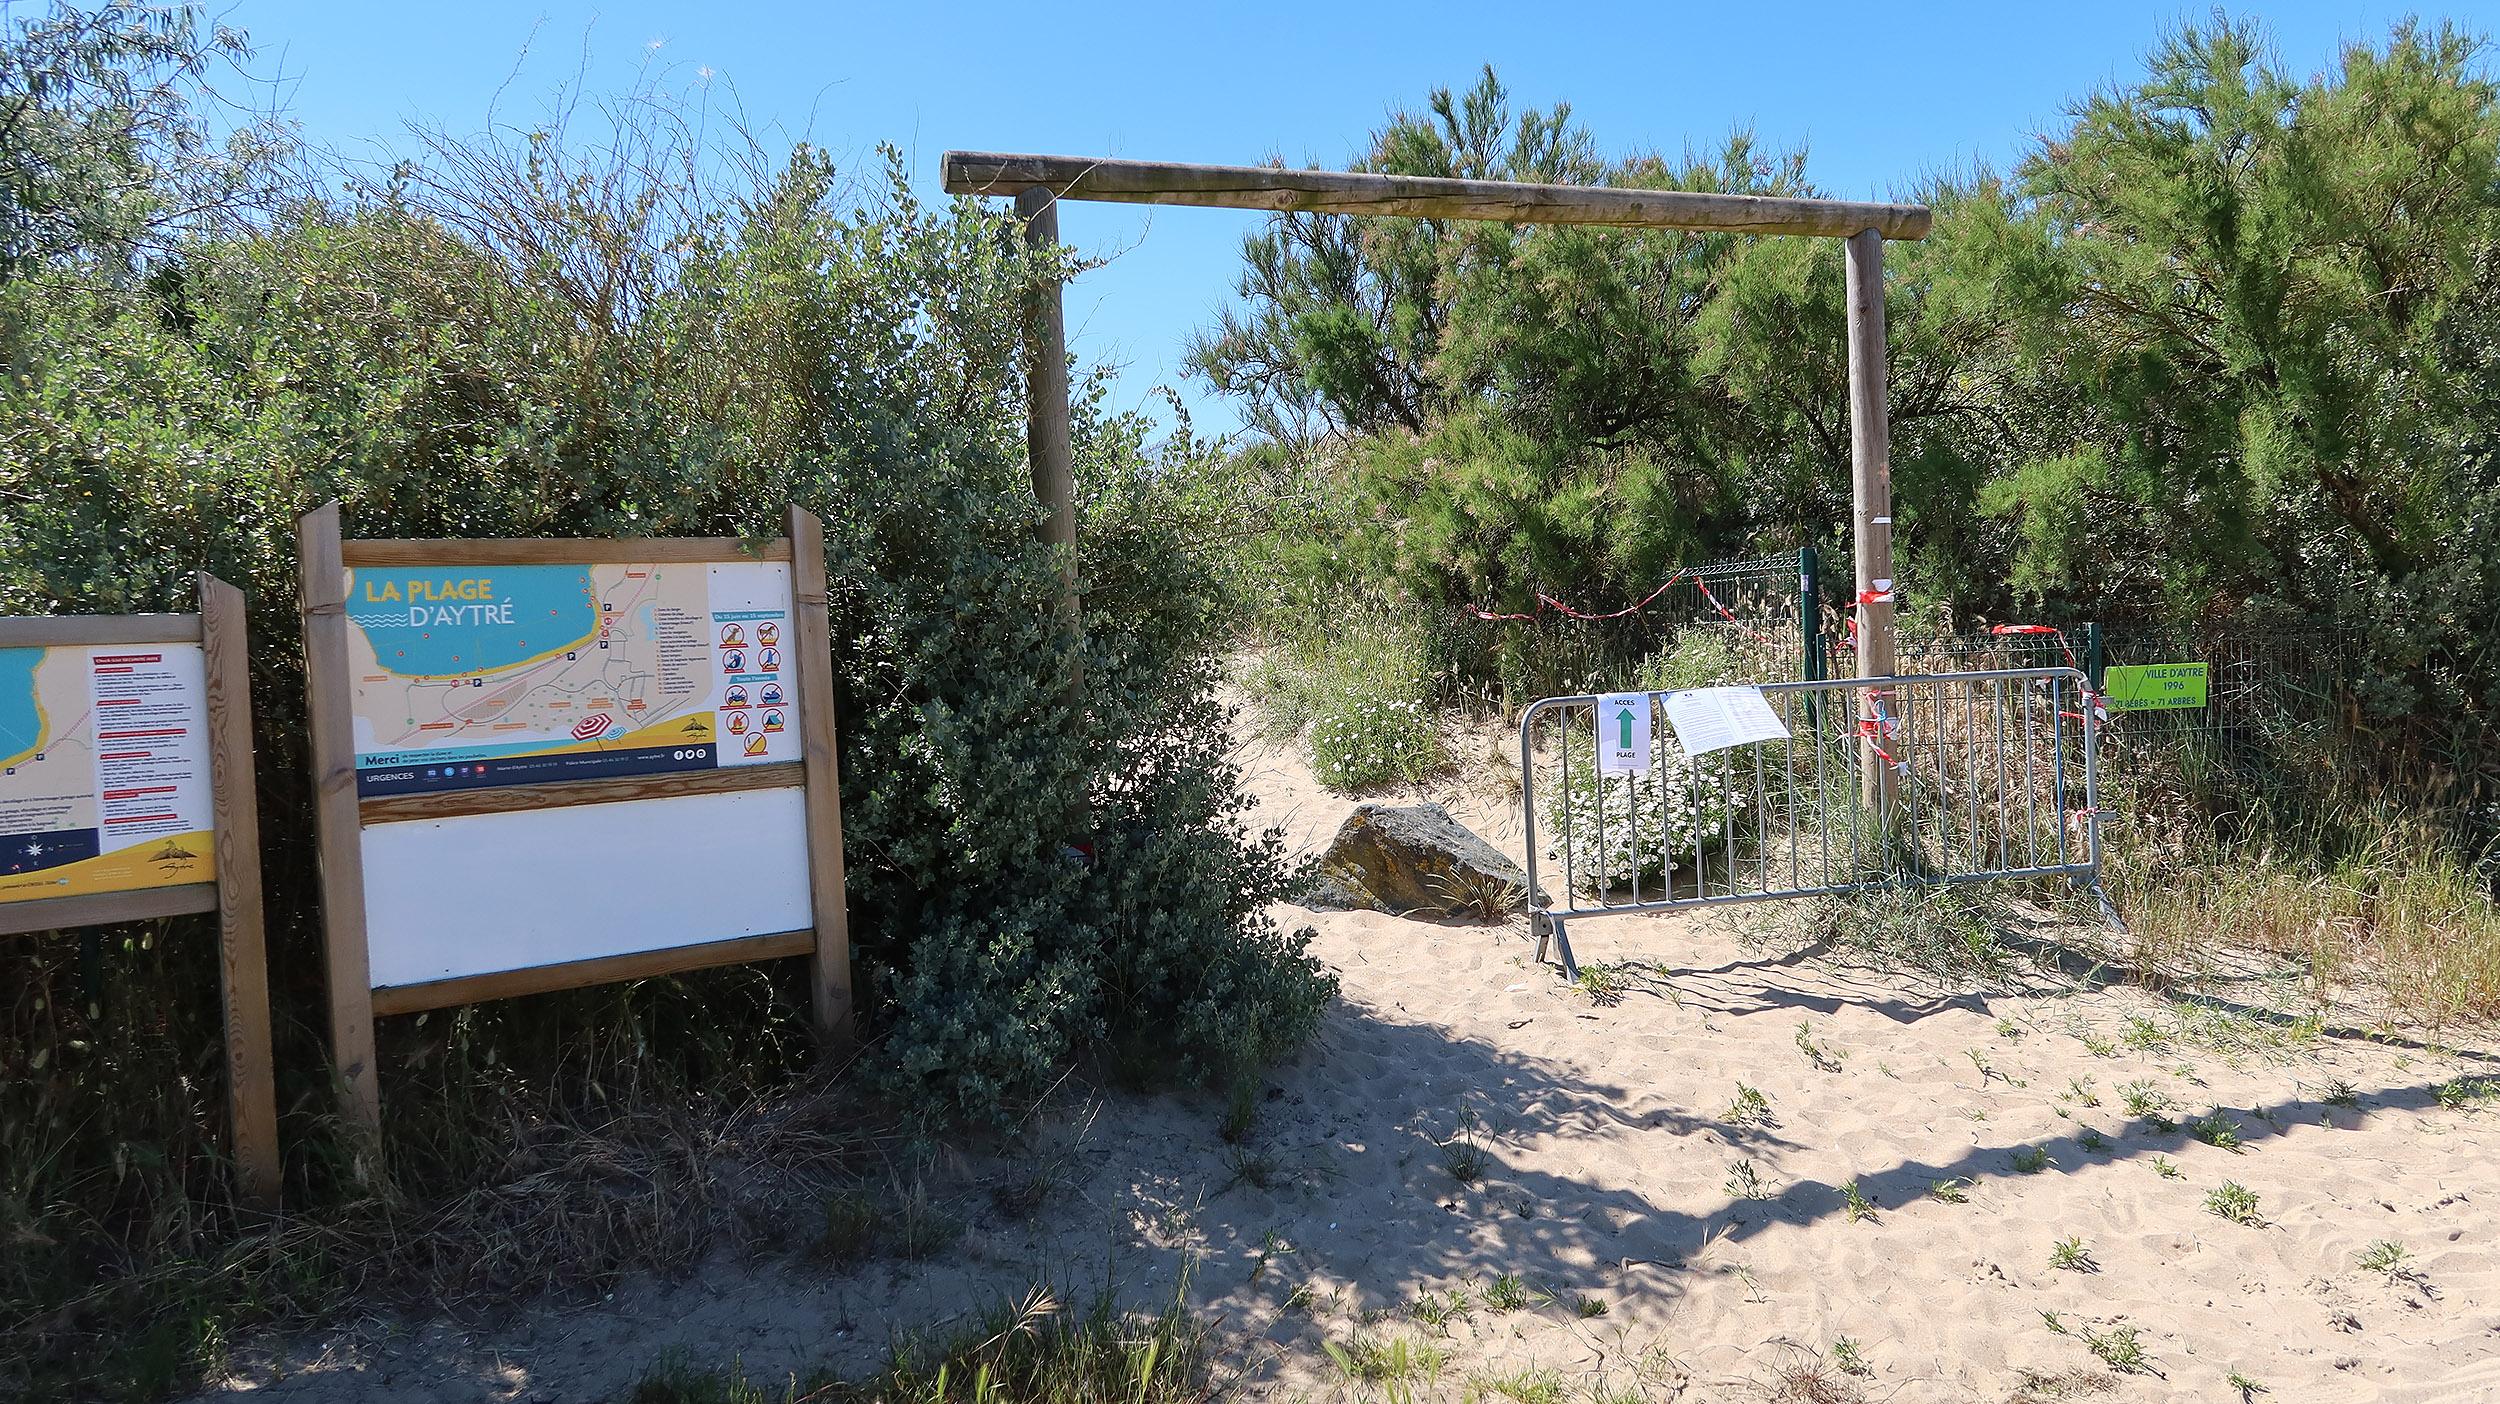 L'accès est aussi réglementé à la plage d'Aytré 2500 ©Ludovic Sarrazin